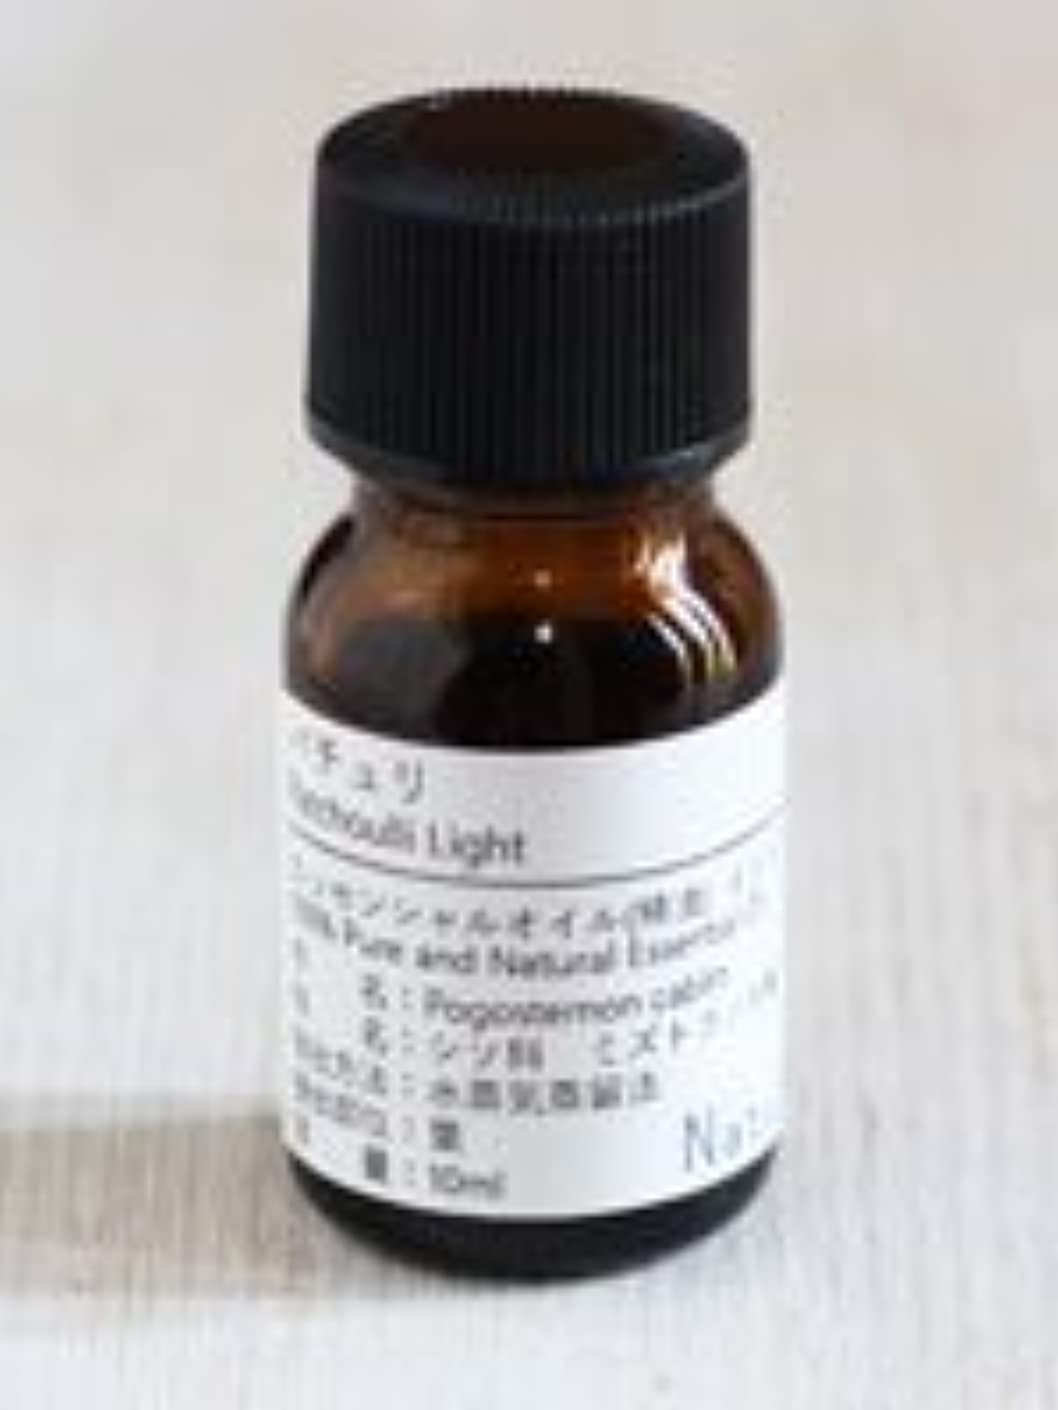 シンジケート豪華な上げるNatural蒼 カユプテ/エッセンシャルオイル 精油天然100% (30ml)